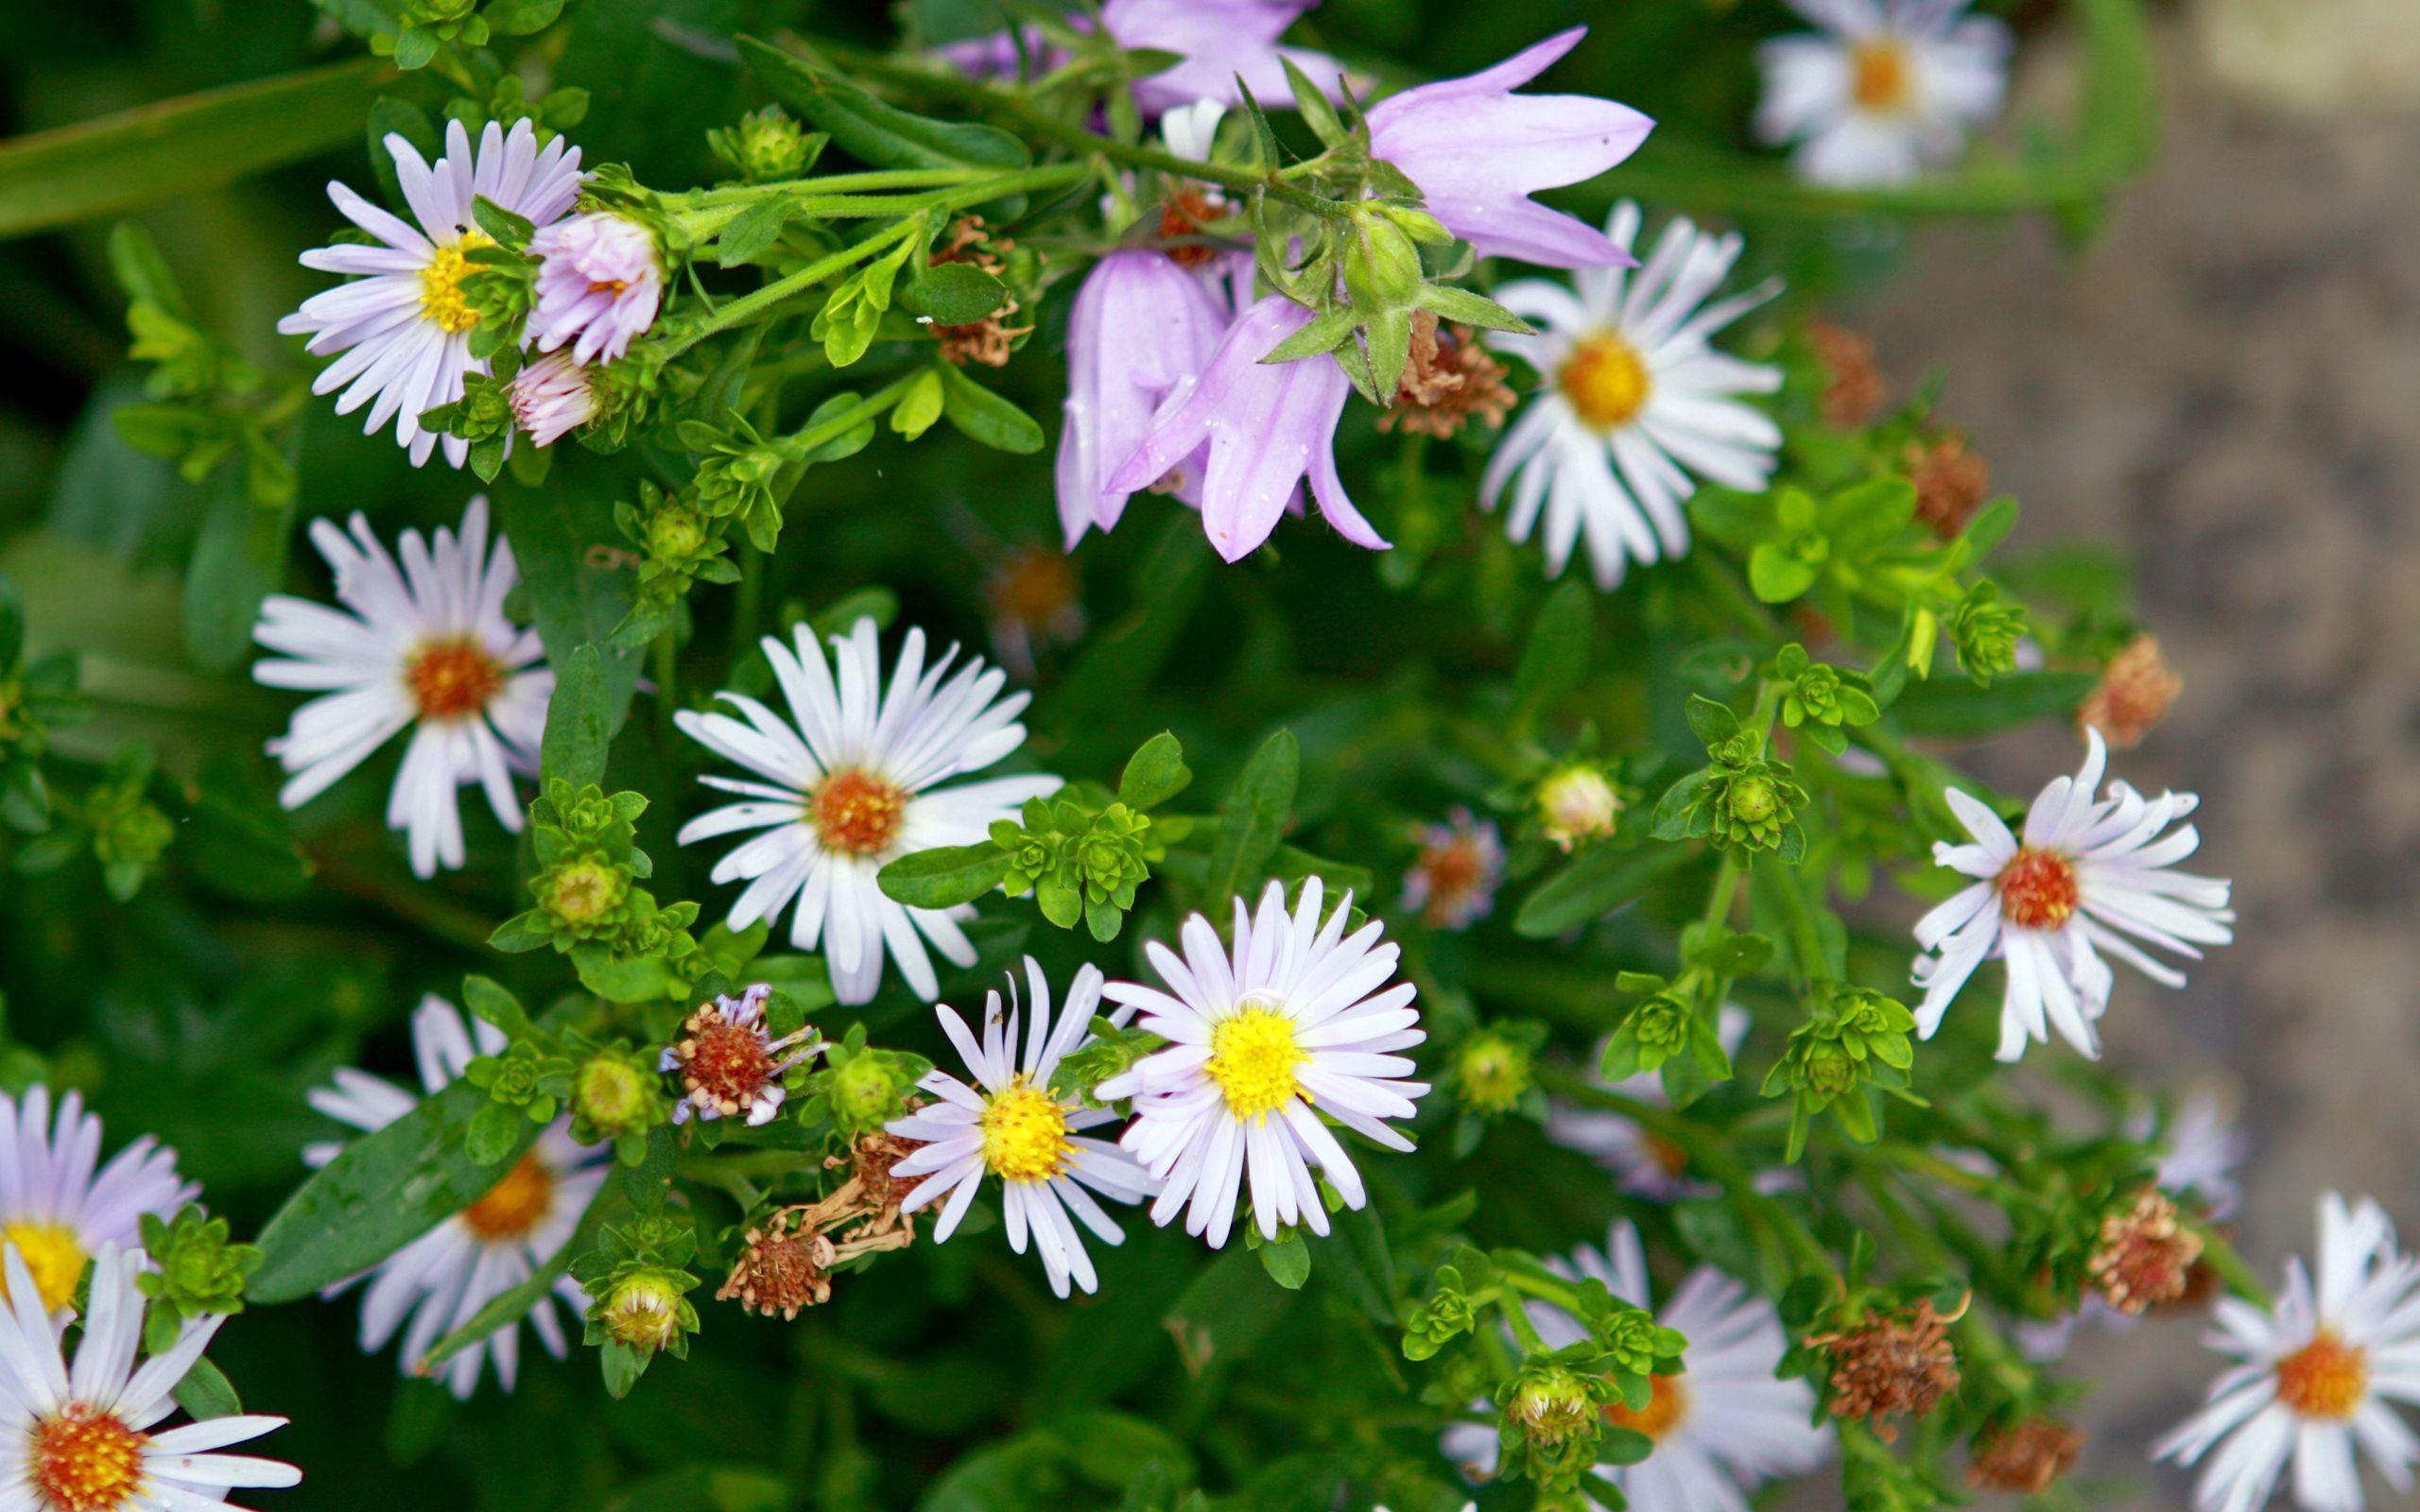 143649 скачать обои Цветы, Ромашки, Колокольчики, Зелень, Весна - заставки и картинки бесплатно